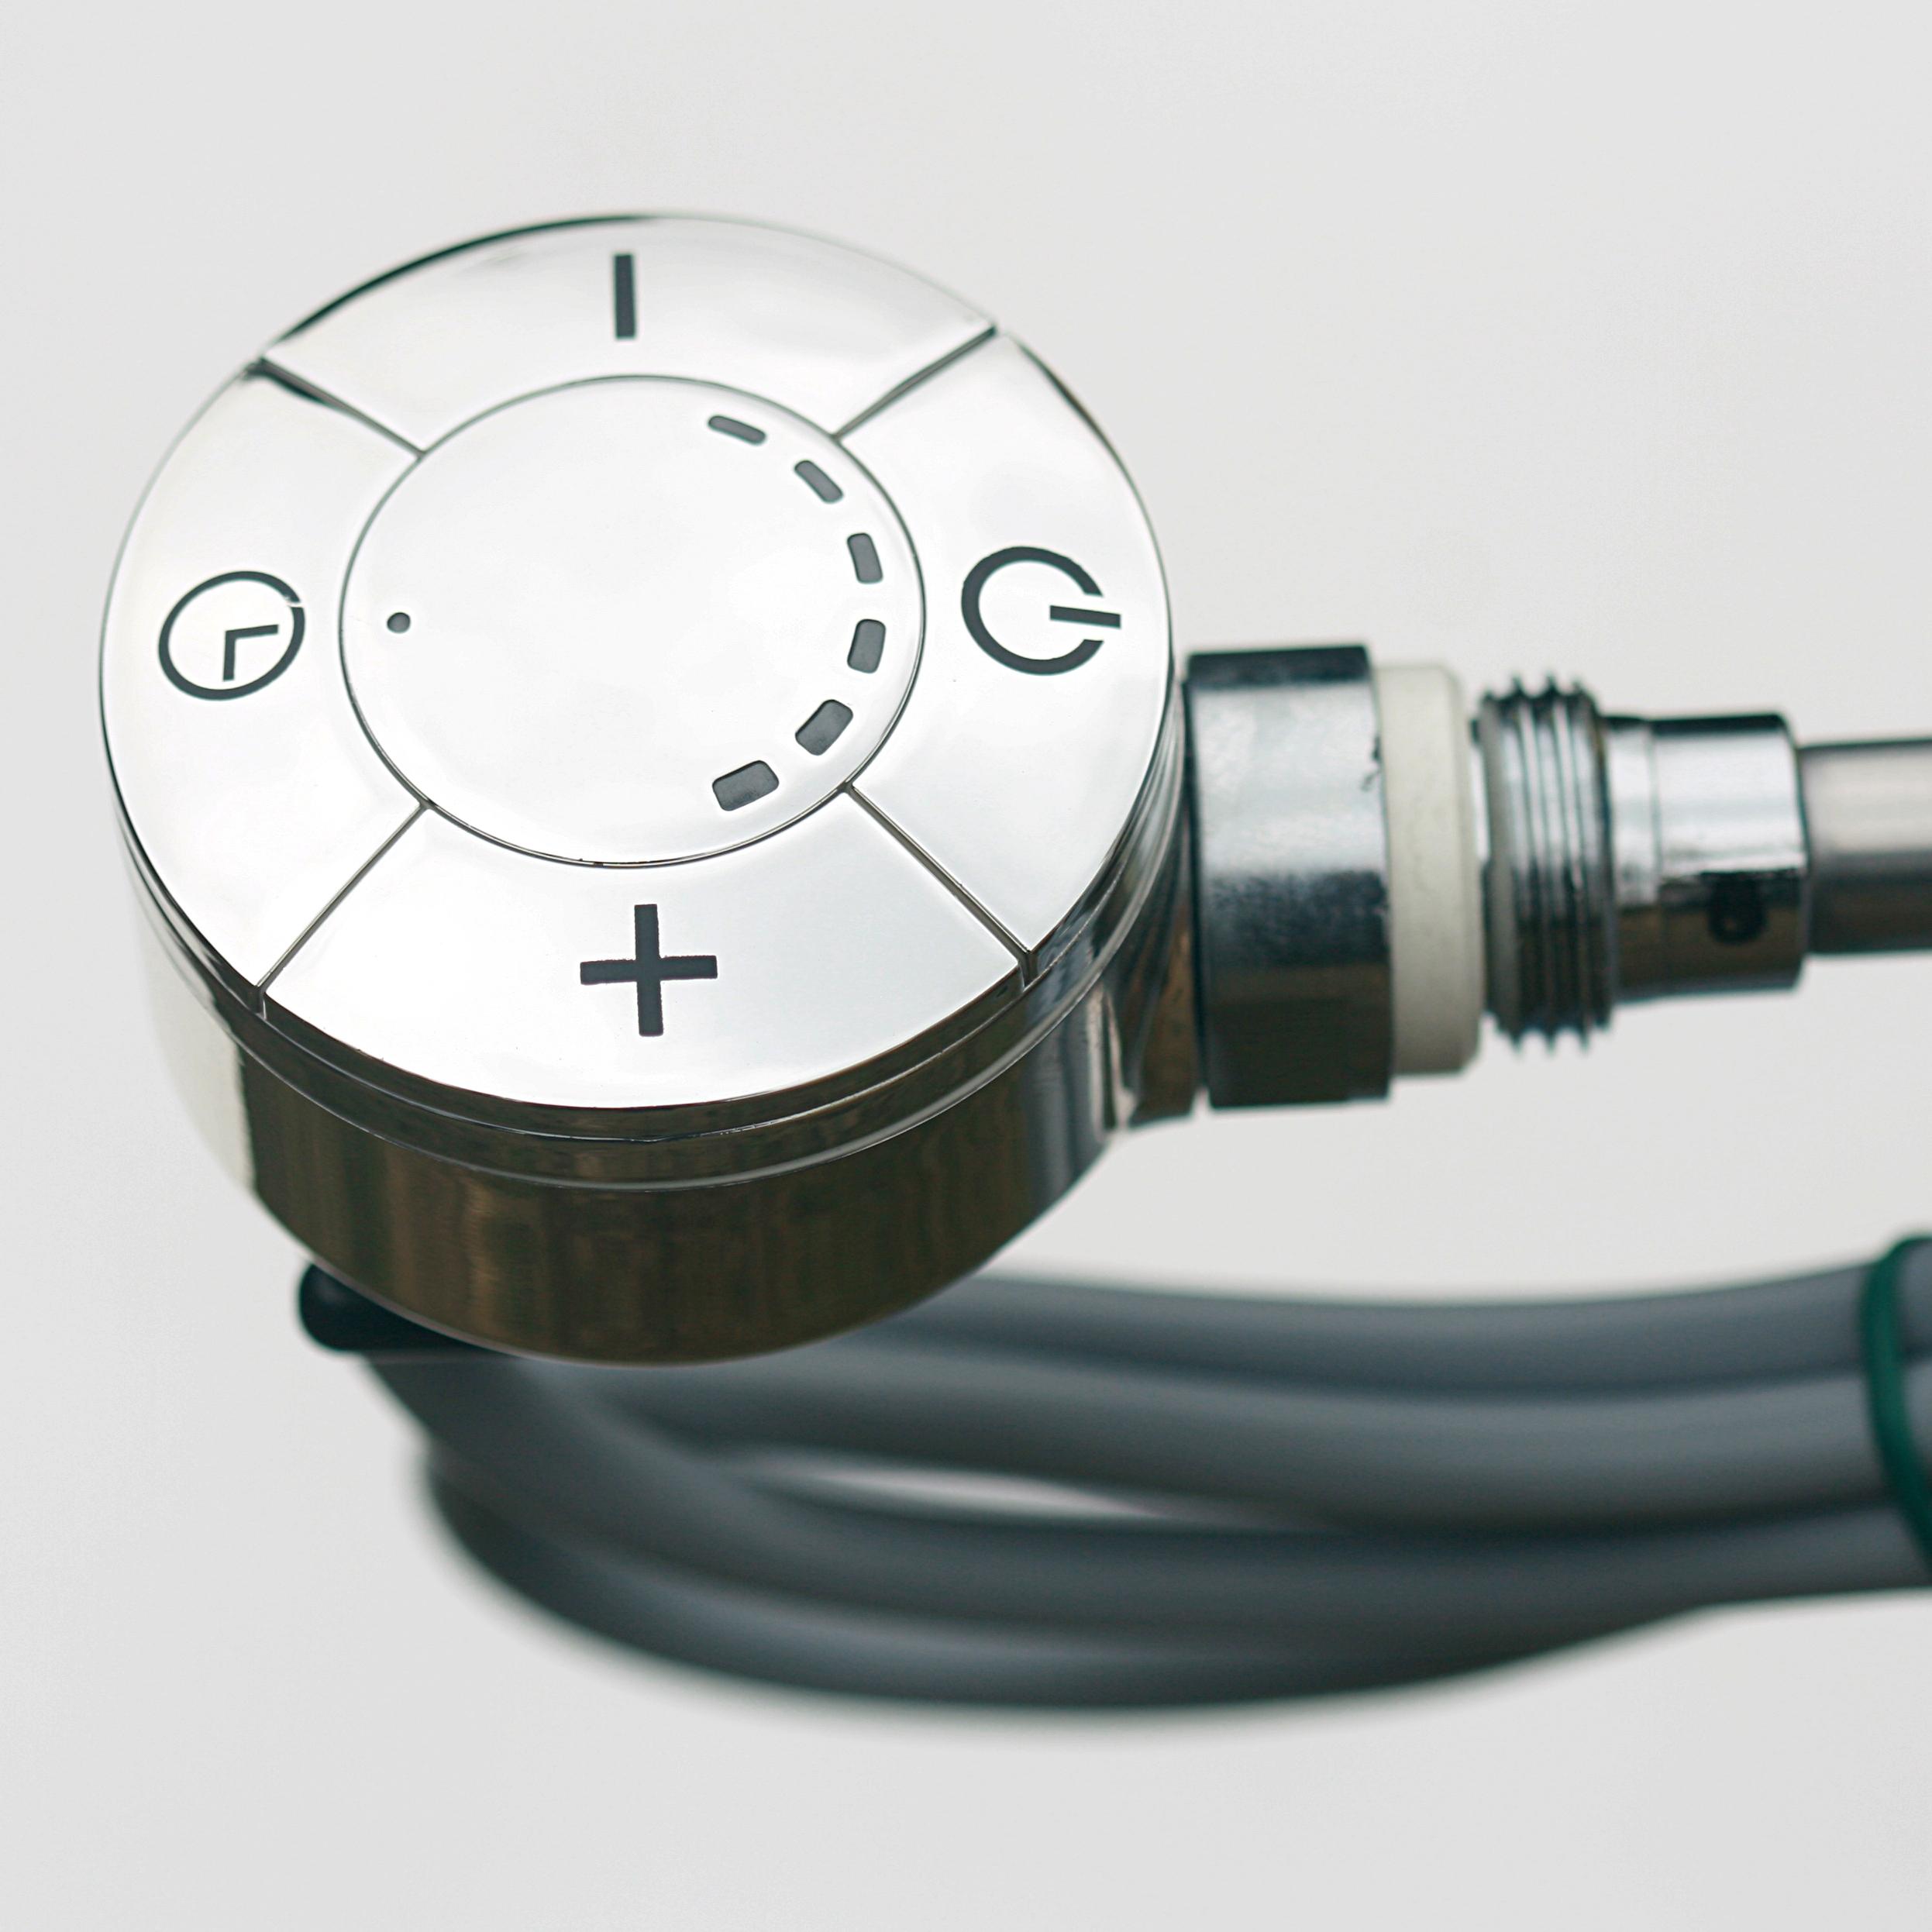 Selmo Elektrická topná tyč s regulací Smart Plus 900W Barva: Lesklý chrom